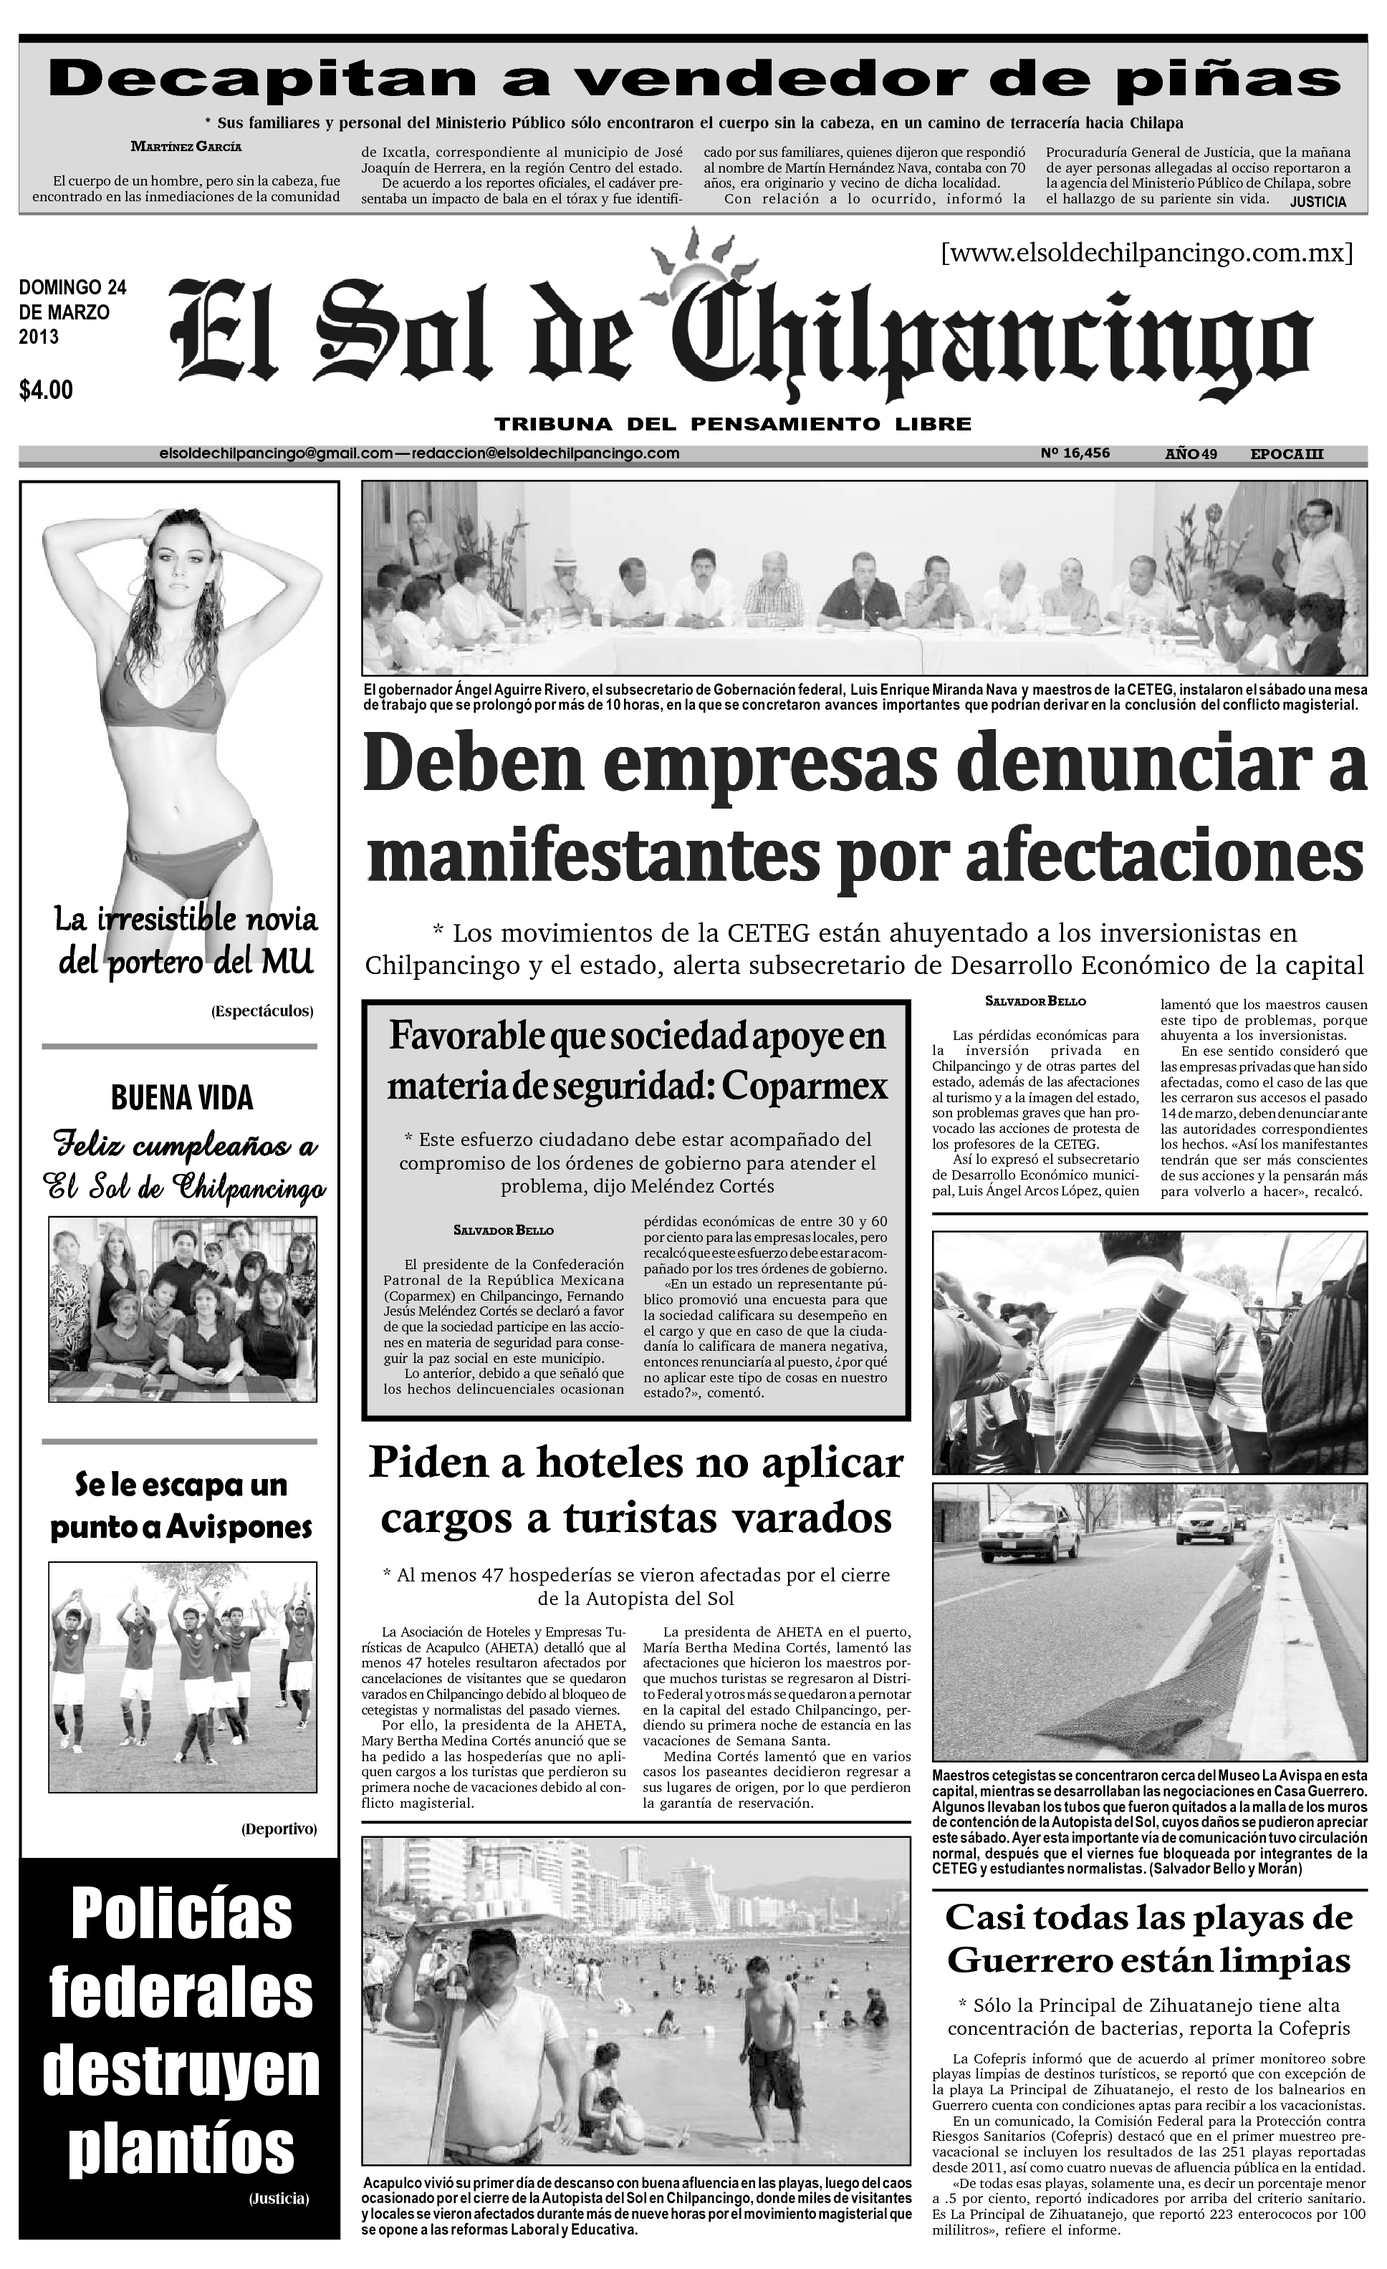 Calaméo - El Sol de Chilpancingo - 24 Marzo 2013